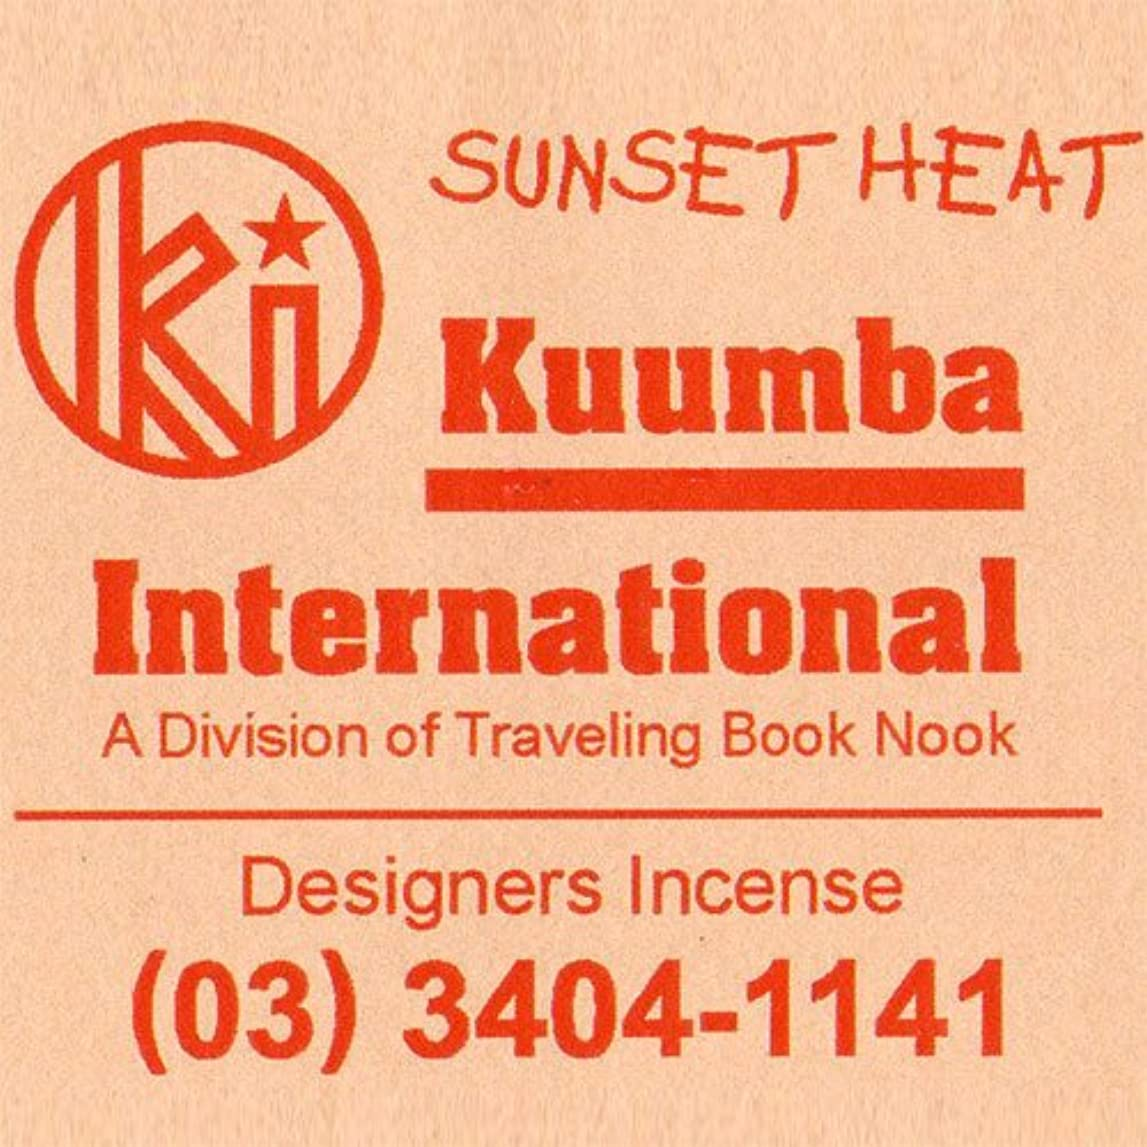 ヤングウナギ神話KUUMBA / クンバ『incense』(SUNSET HEAT) (Regular size)